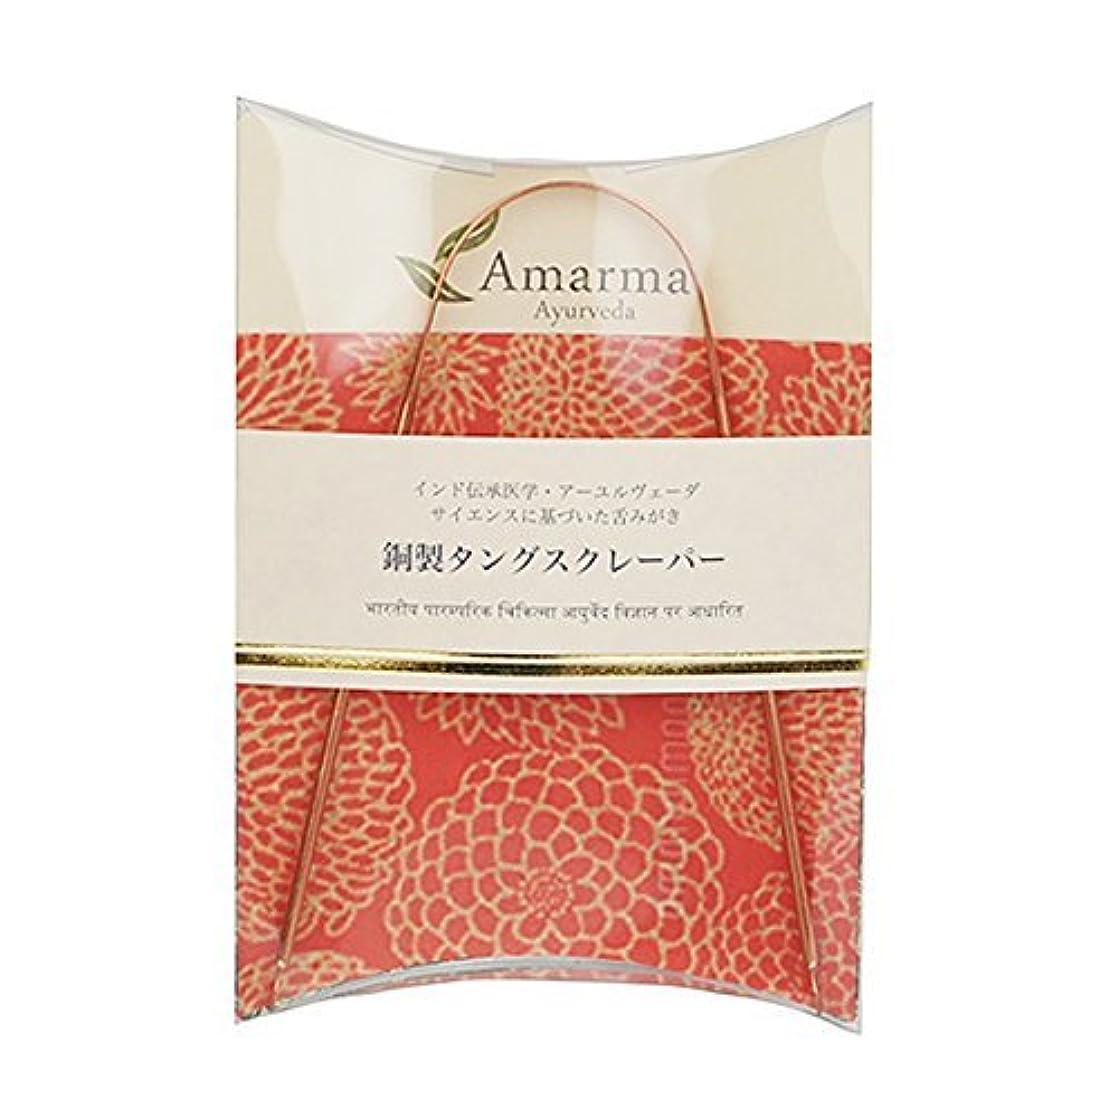 召喚するシーフードスペシャリスト銅製タングスクレーパー(舌みがき)日本製